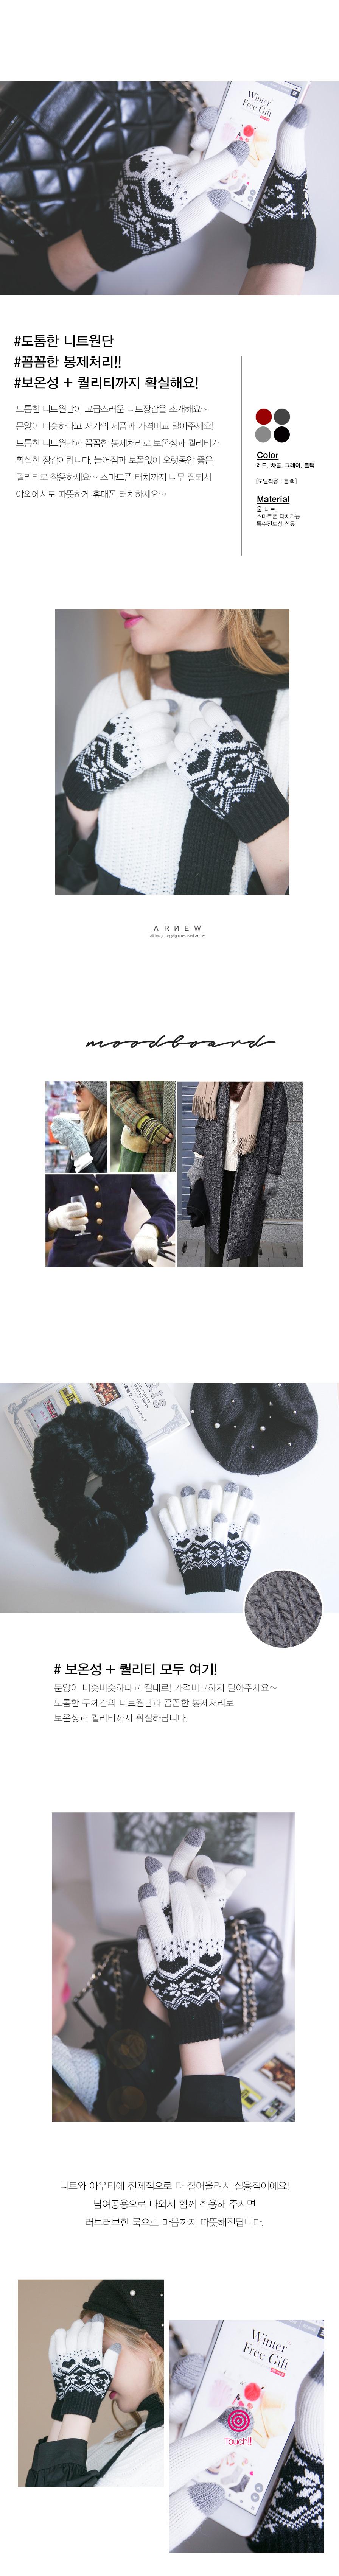 하트 니트 스마트폰 장갑 남여공용 - (주)아르뉴, 7,120원, 장갑, 스마트폰장갑